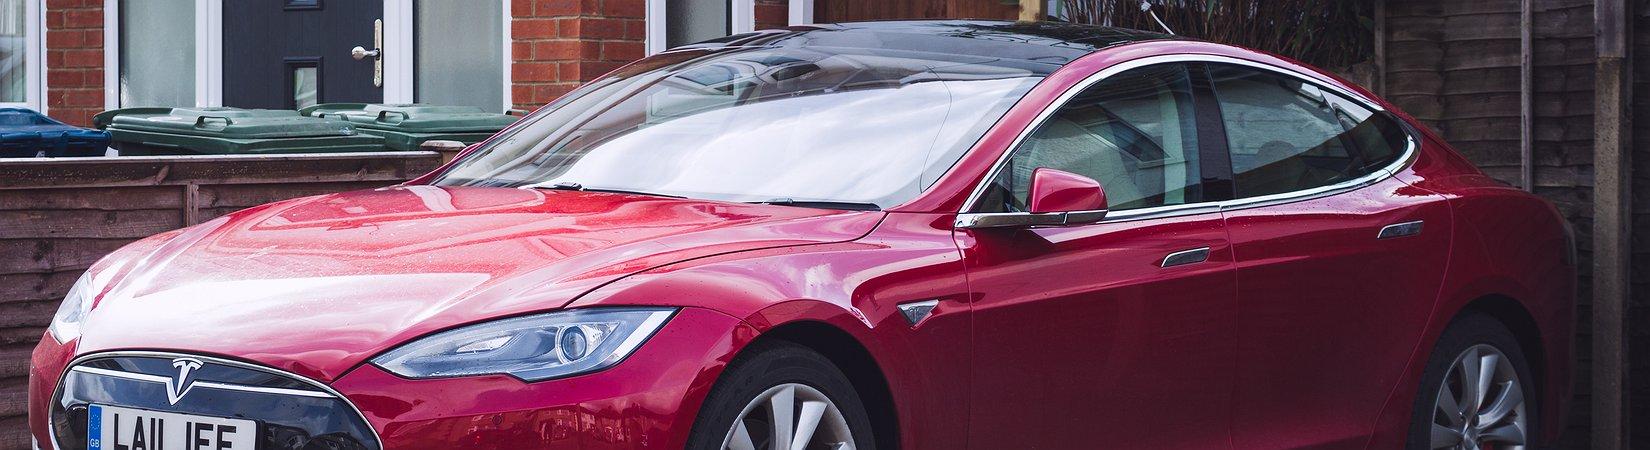 سيارة Model 3 مقابل Model S.. ماذا ننتظر من تقرير Tesla